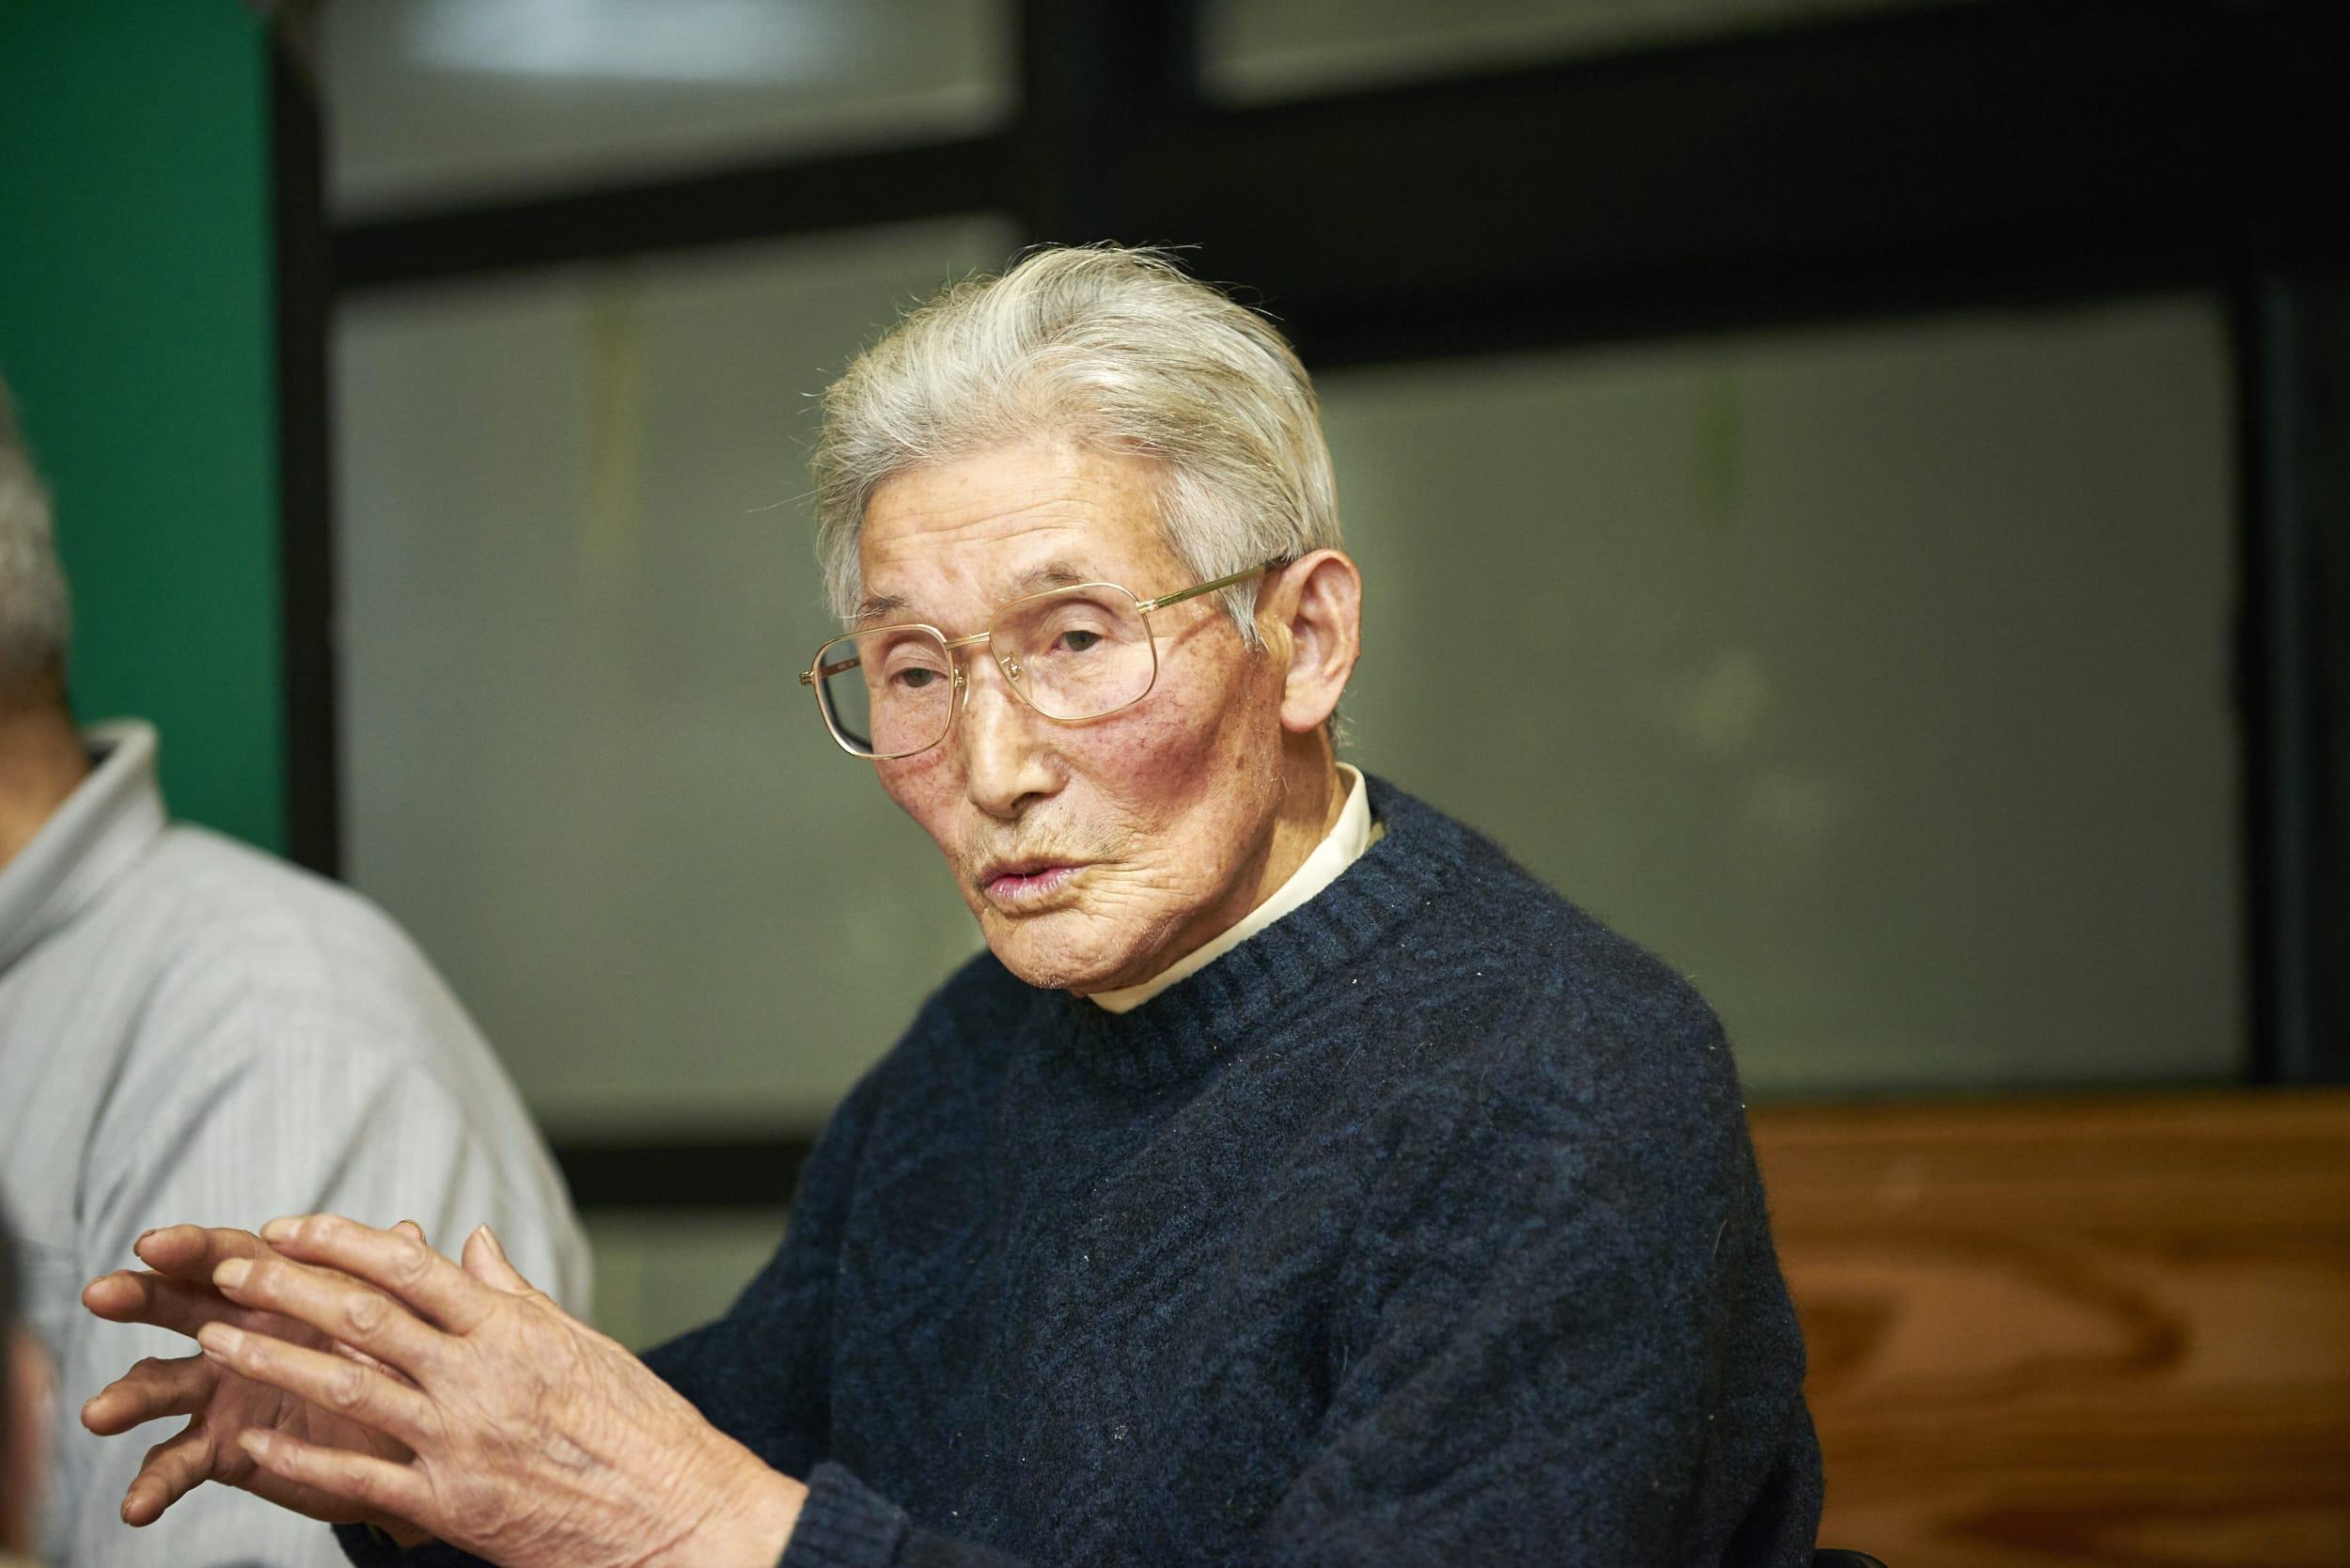 八木沢番楽保存会の佐藤敏雄さん。受け継ぐ者のなくなった八木沢集落の伝統芸能を、なんとか残そうとしてきた数々の苦労や思い出話を語ってくれた。